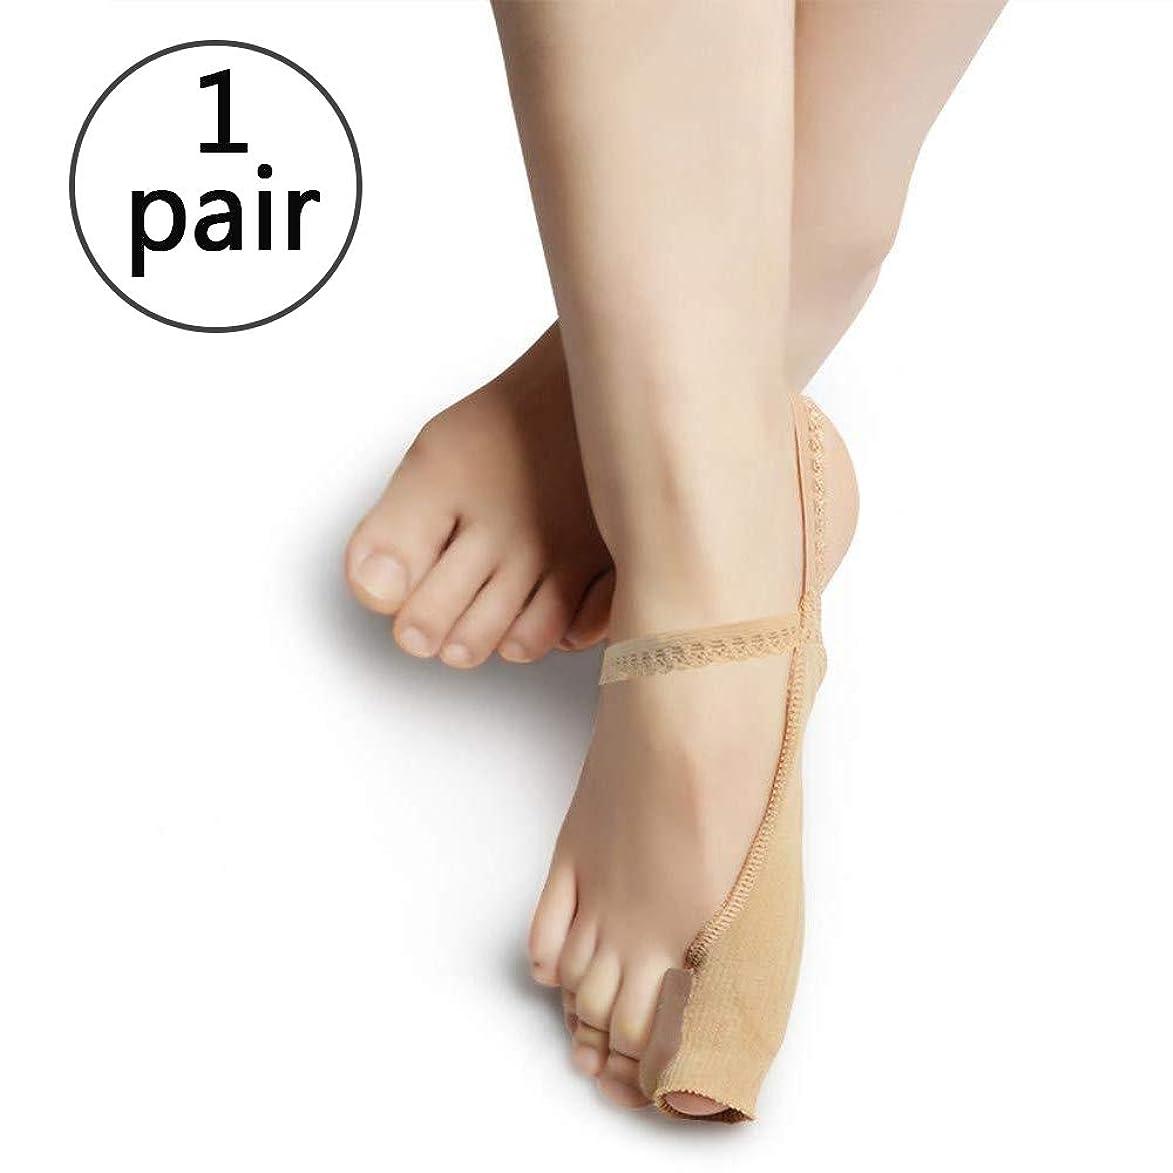 溶かすバーマドメンタリティ腱膜瘤矯正装置、つま先オーバーラップつま先カバーのユニークなかかとストラップは簡単に倒れません。,L